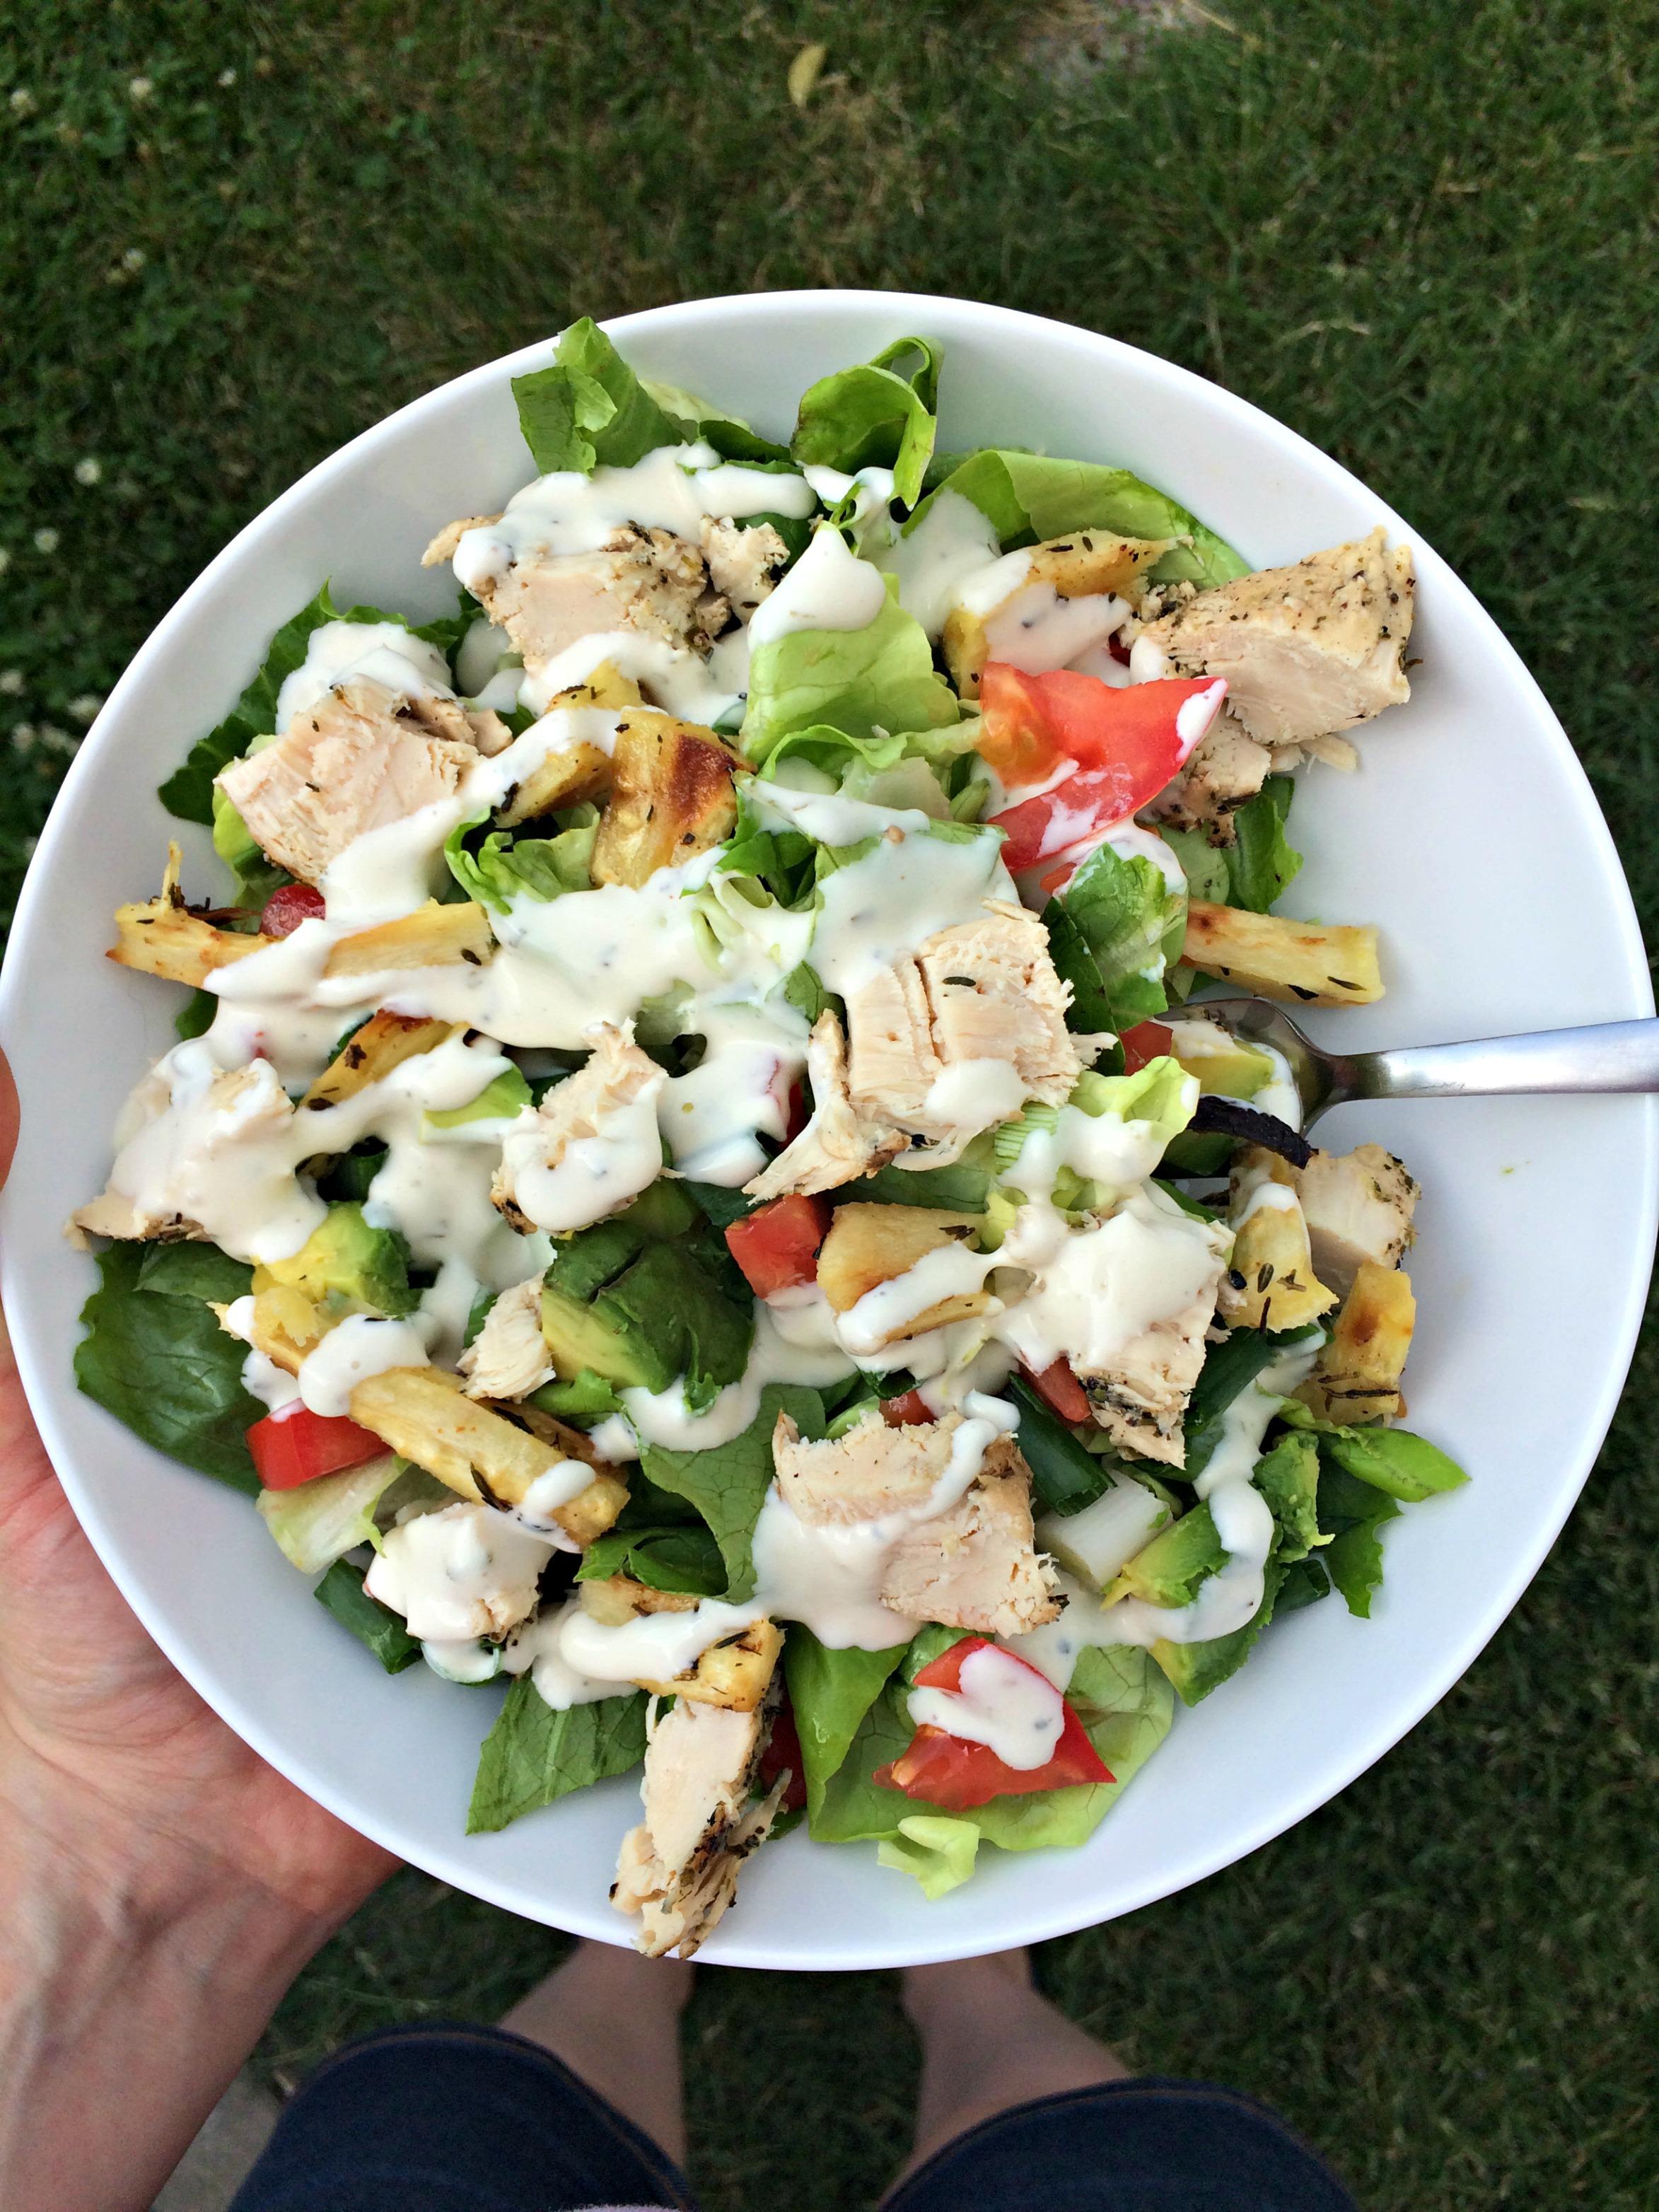 Third Trimester Pregnancy Eats and Meal Ideas | cleaneatingveggiegirl.com